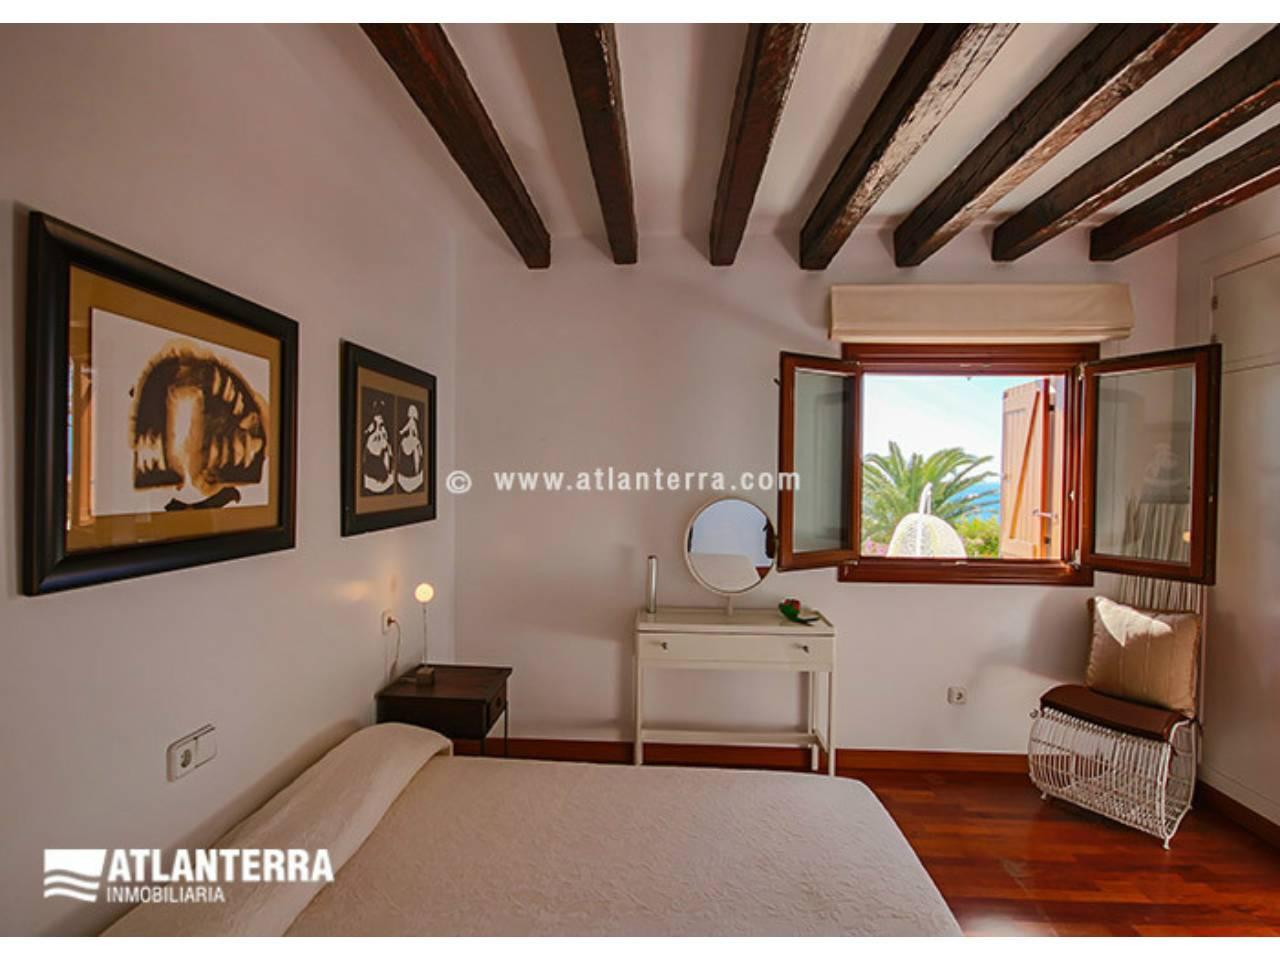 25885350 3170057 foto 748588 - Estilo rústico, privacidad y vistas maravillosas en esta villa en Zahara de los Atunes (Cádiz)